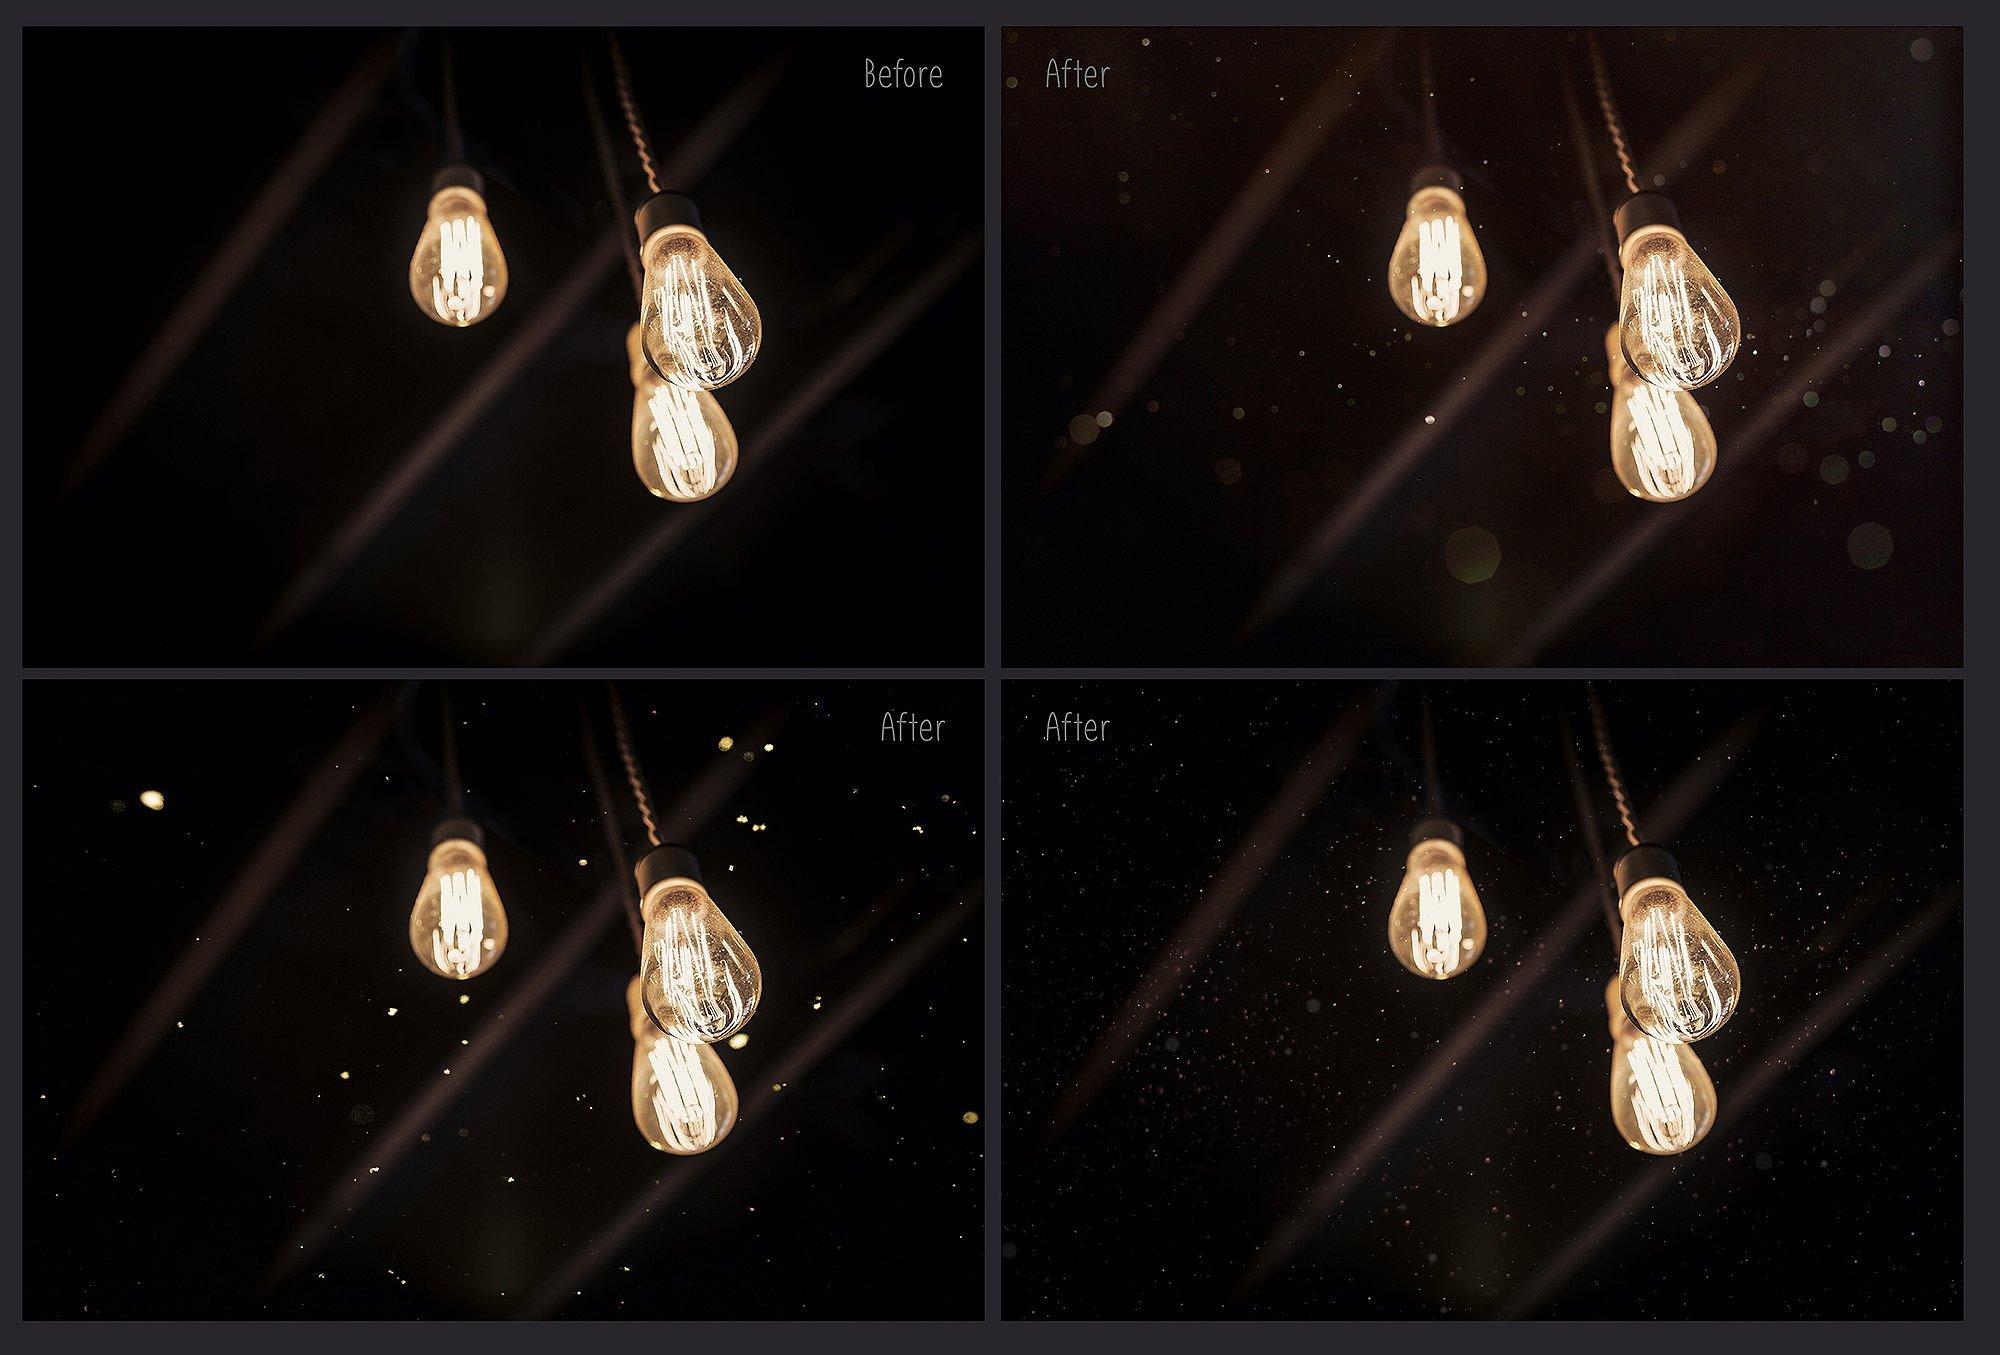 75 Floating Dust Photo Overlays example image 4